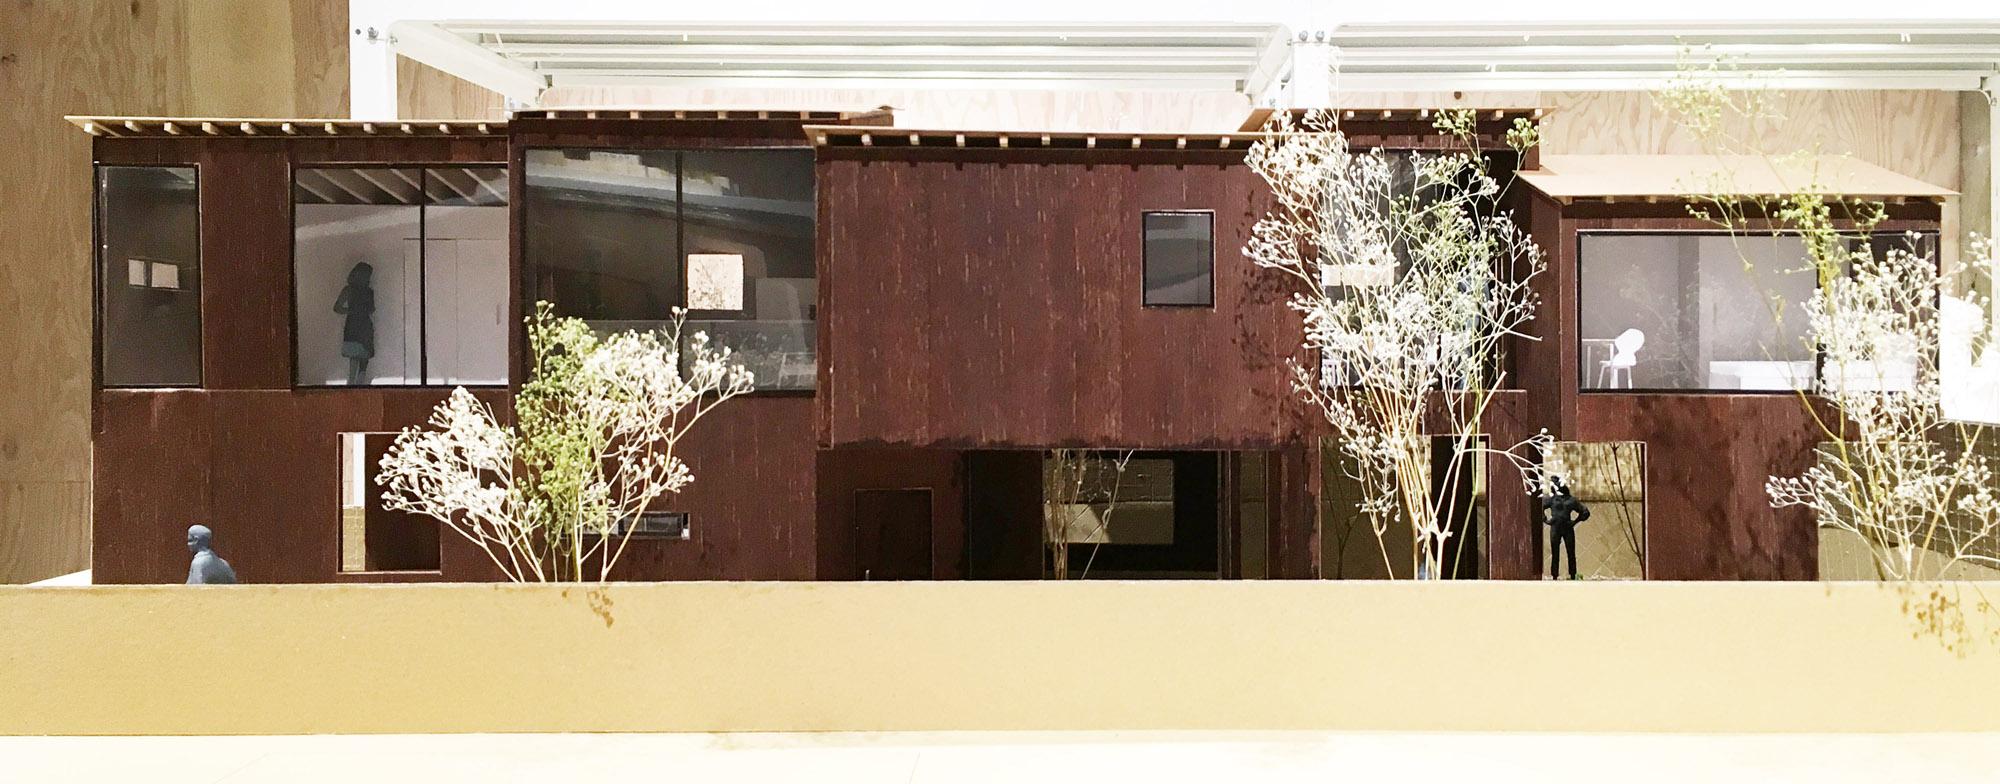 soko museum (7)